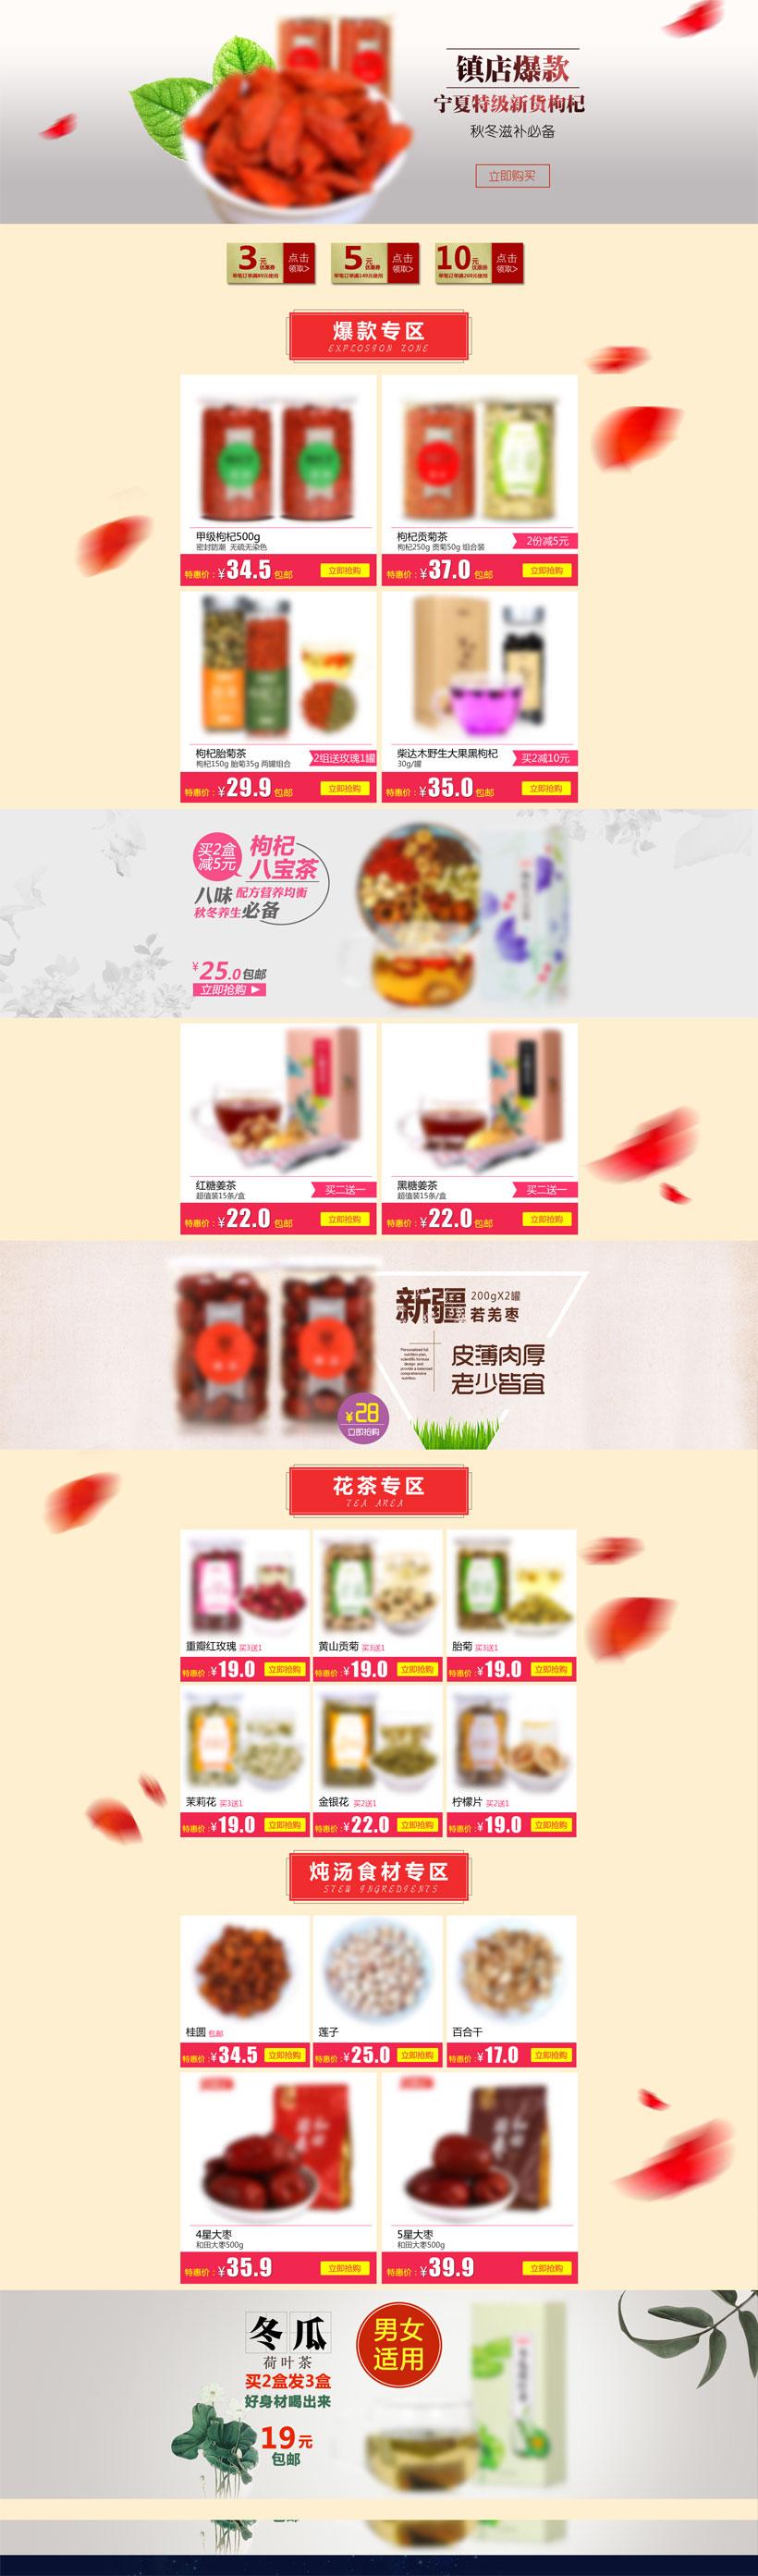 淘寶天貓滋養品促銷頁面設計PSD素材